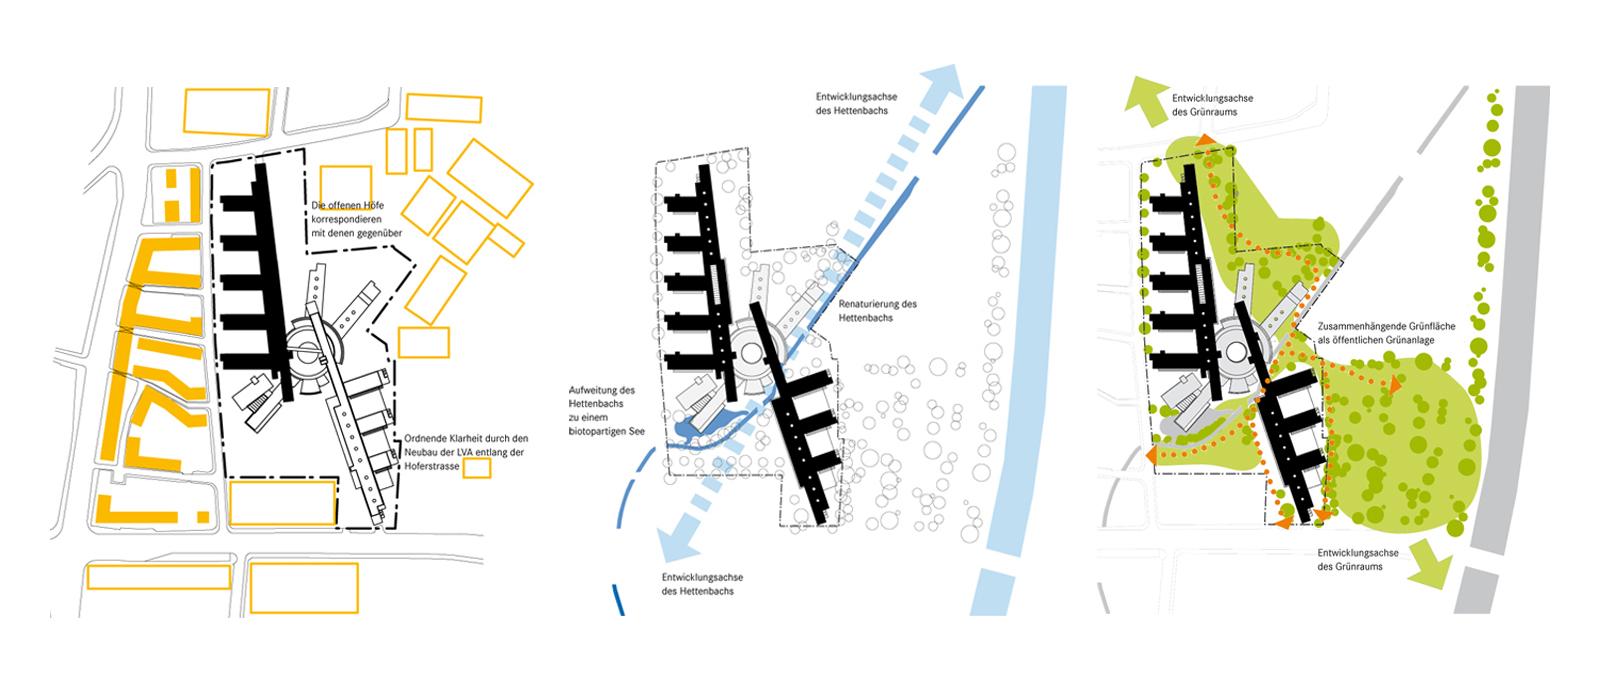 Hauptverwaltung LVA Schwaben Augsburg Struktur - Renaturierung - Grün